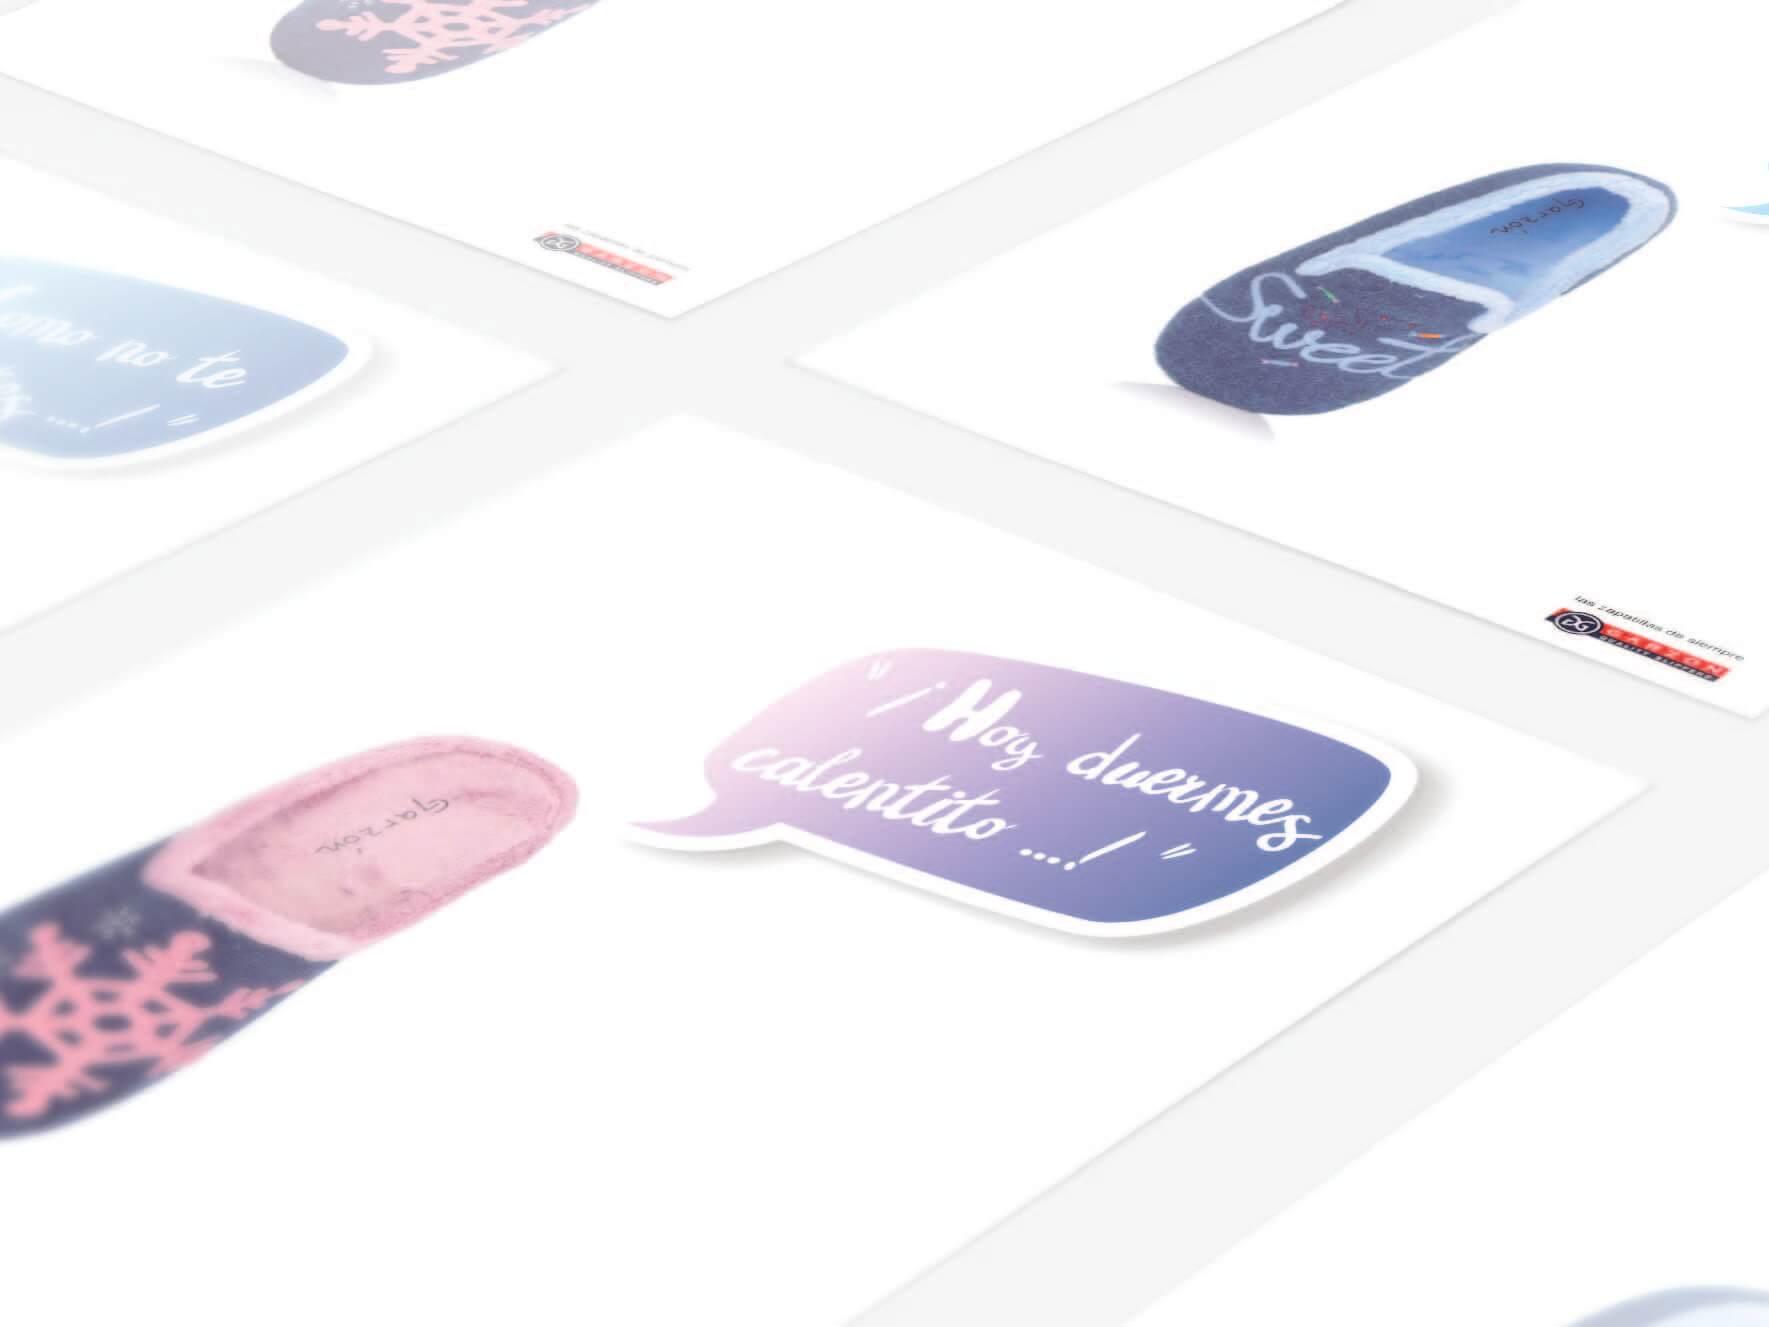 Trabajos curso diseño gráfico en Elche con salida profesional